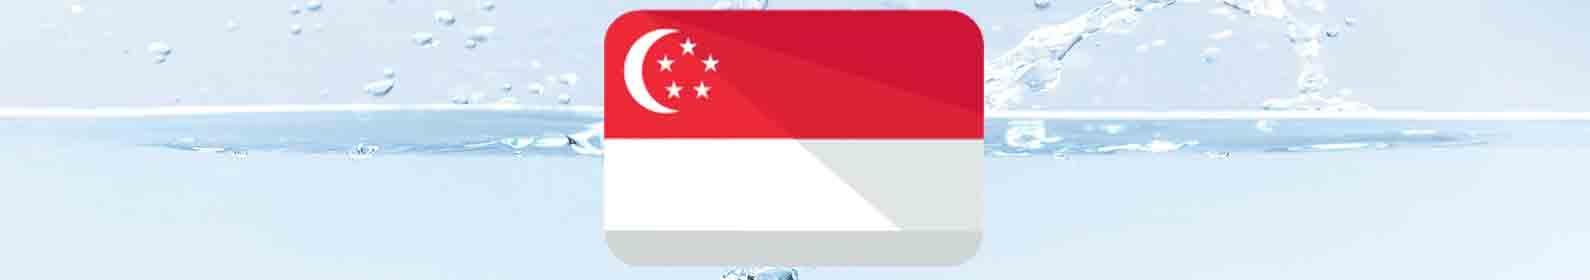 tratamento-de-agua-singapura.jpg